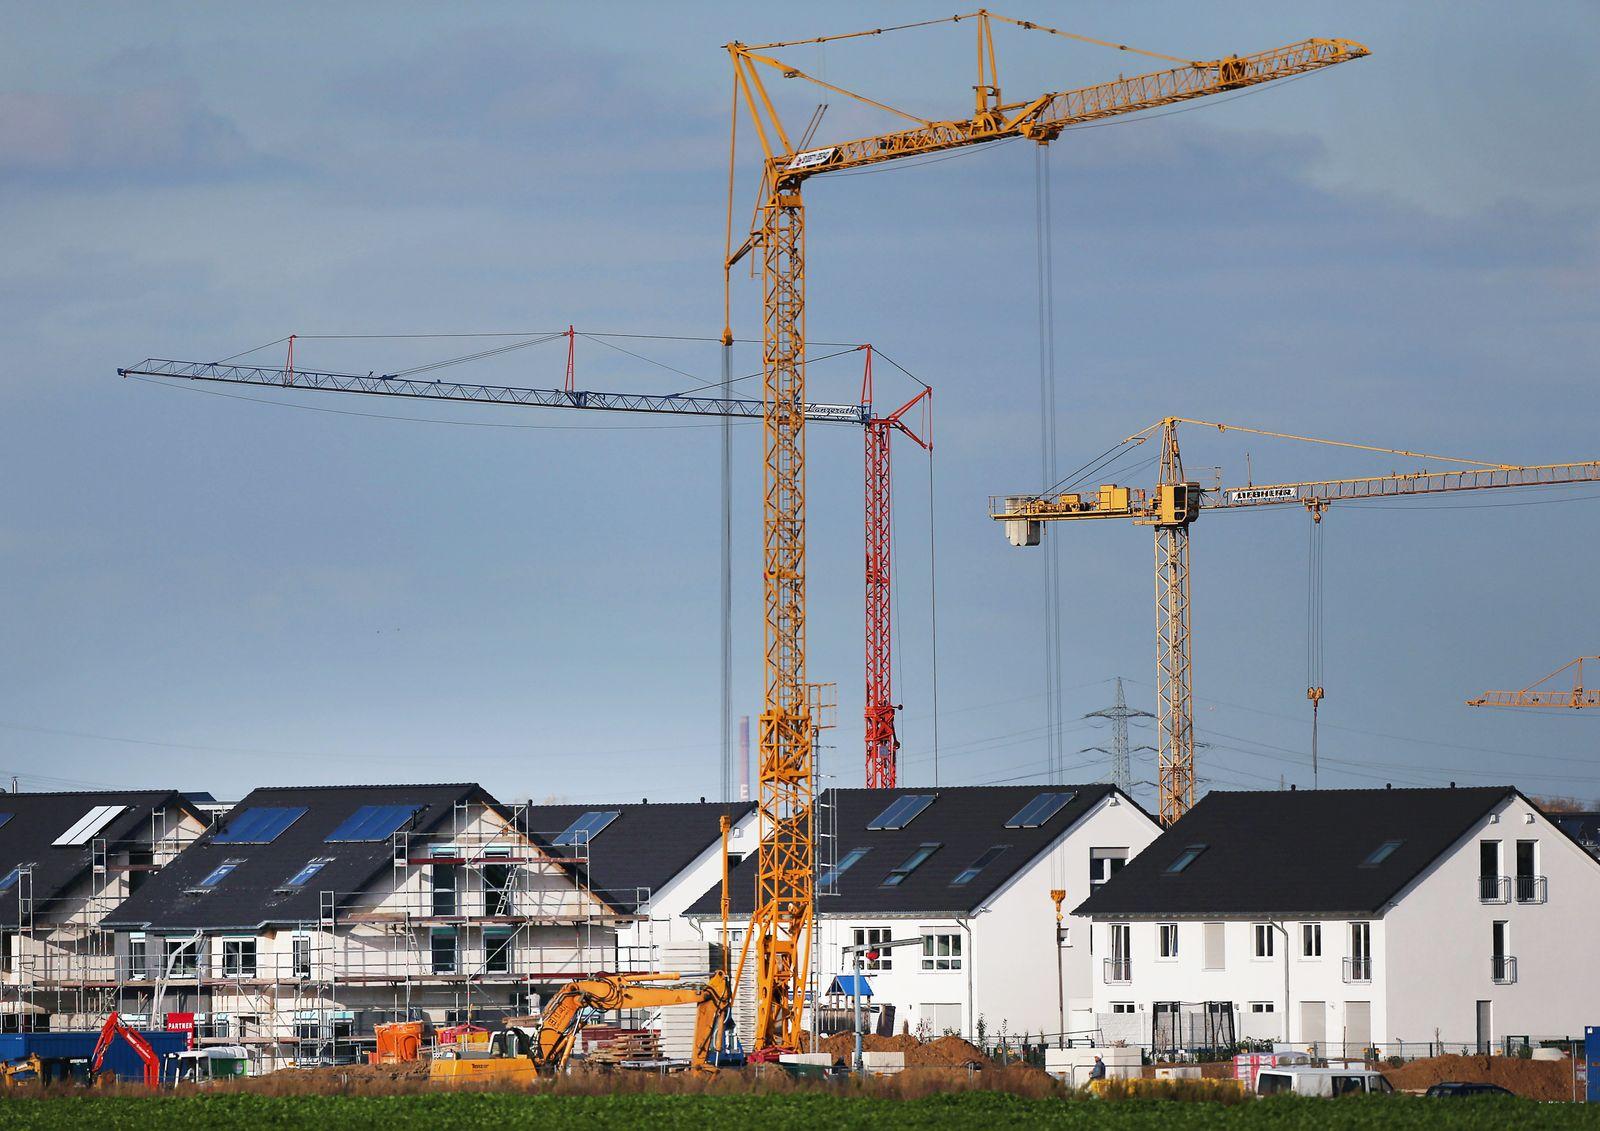 Hausbau / Wohnungsbau / Eigenheim / Hausbau / Immobilie / Eigenheimzulage / Baukindergeld / Immobilien / Neubausiedlungen